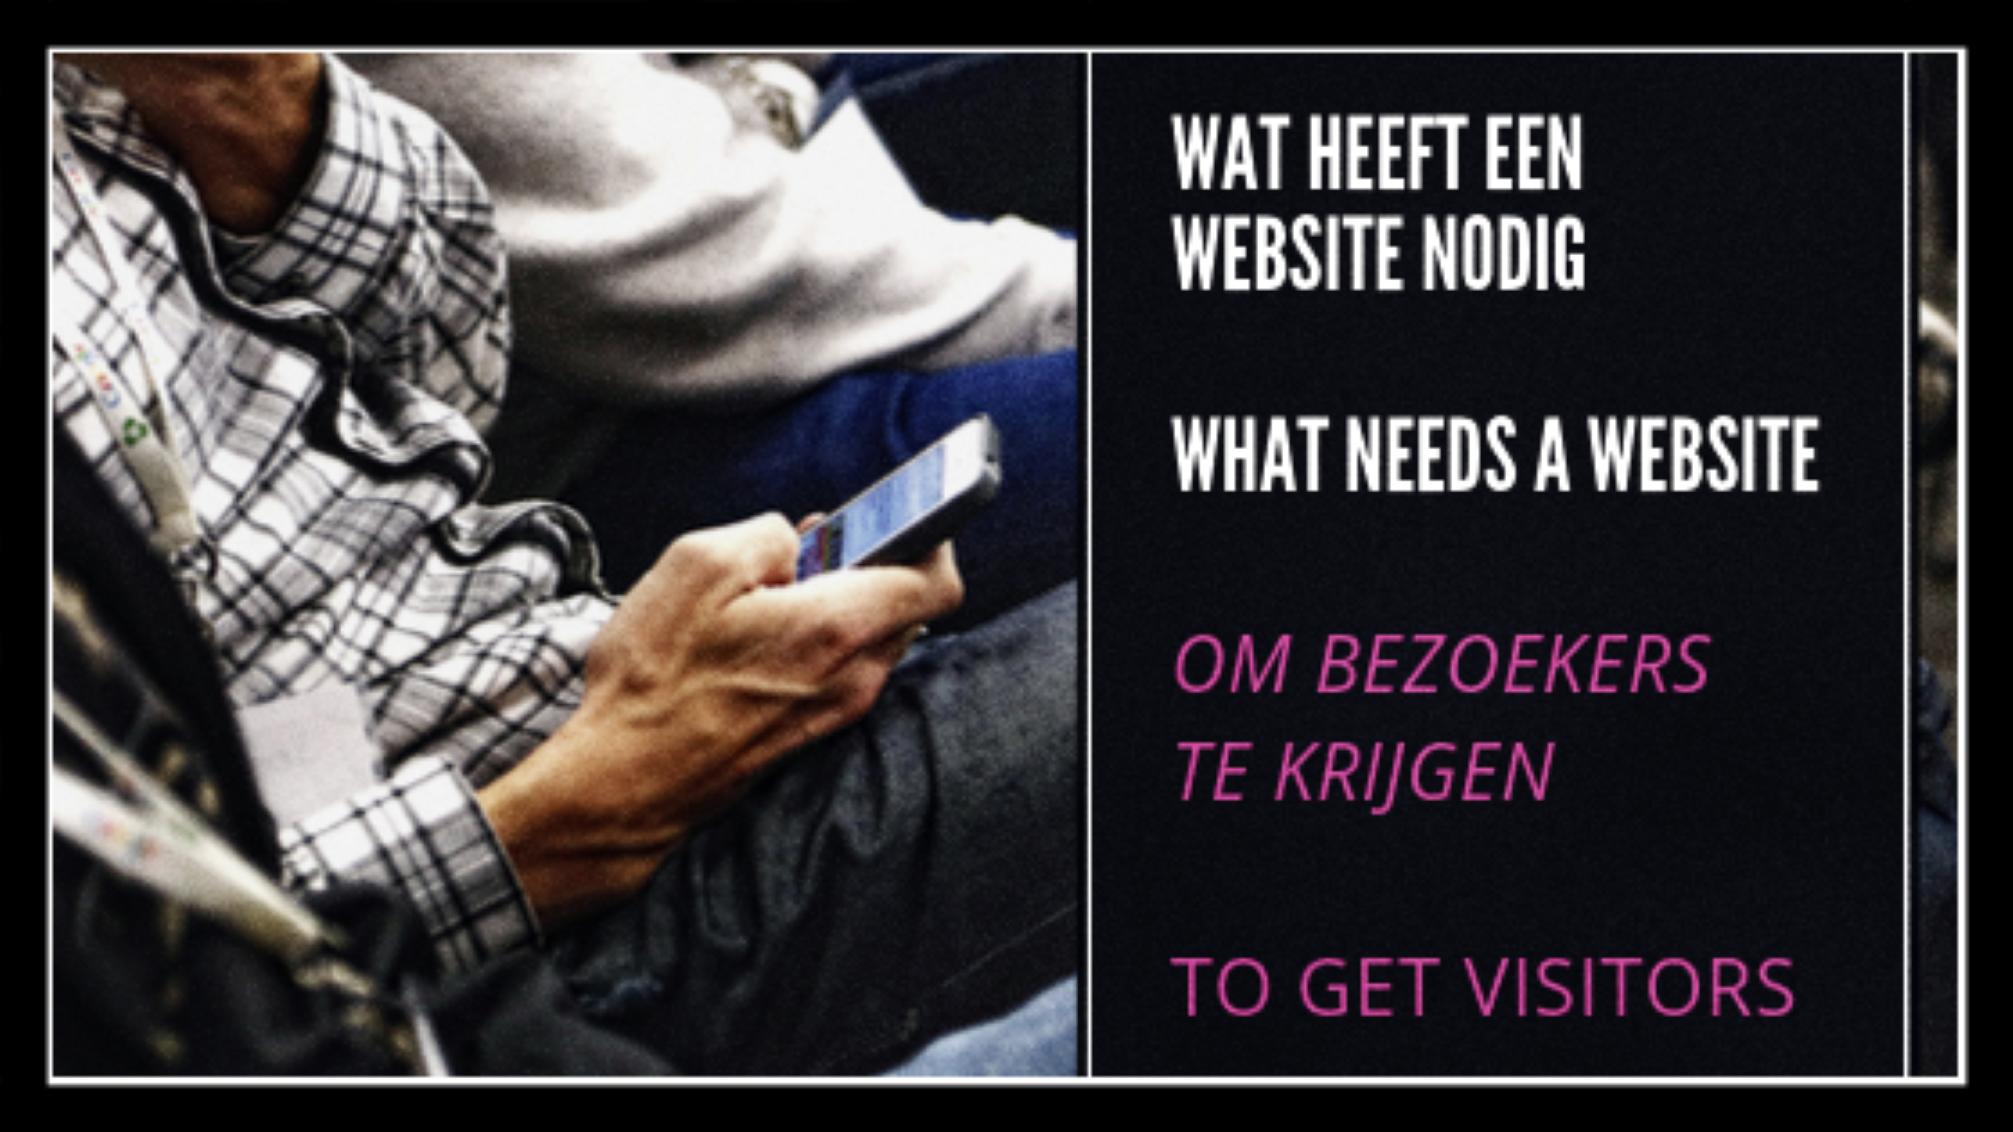 Wat heeft een website nodig om bezoekers te krijgen?